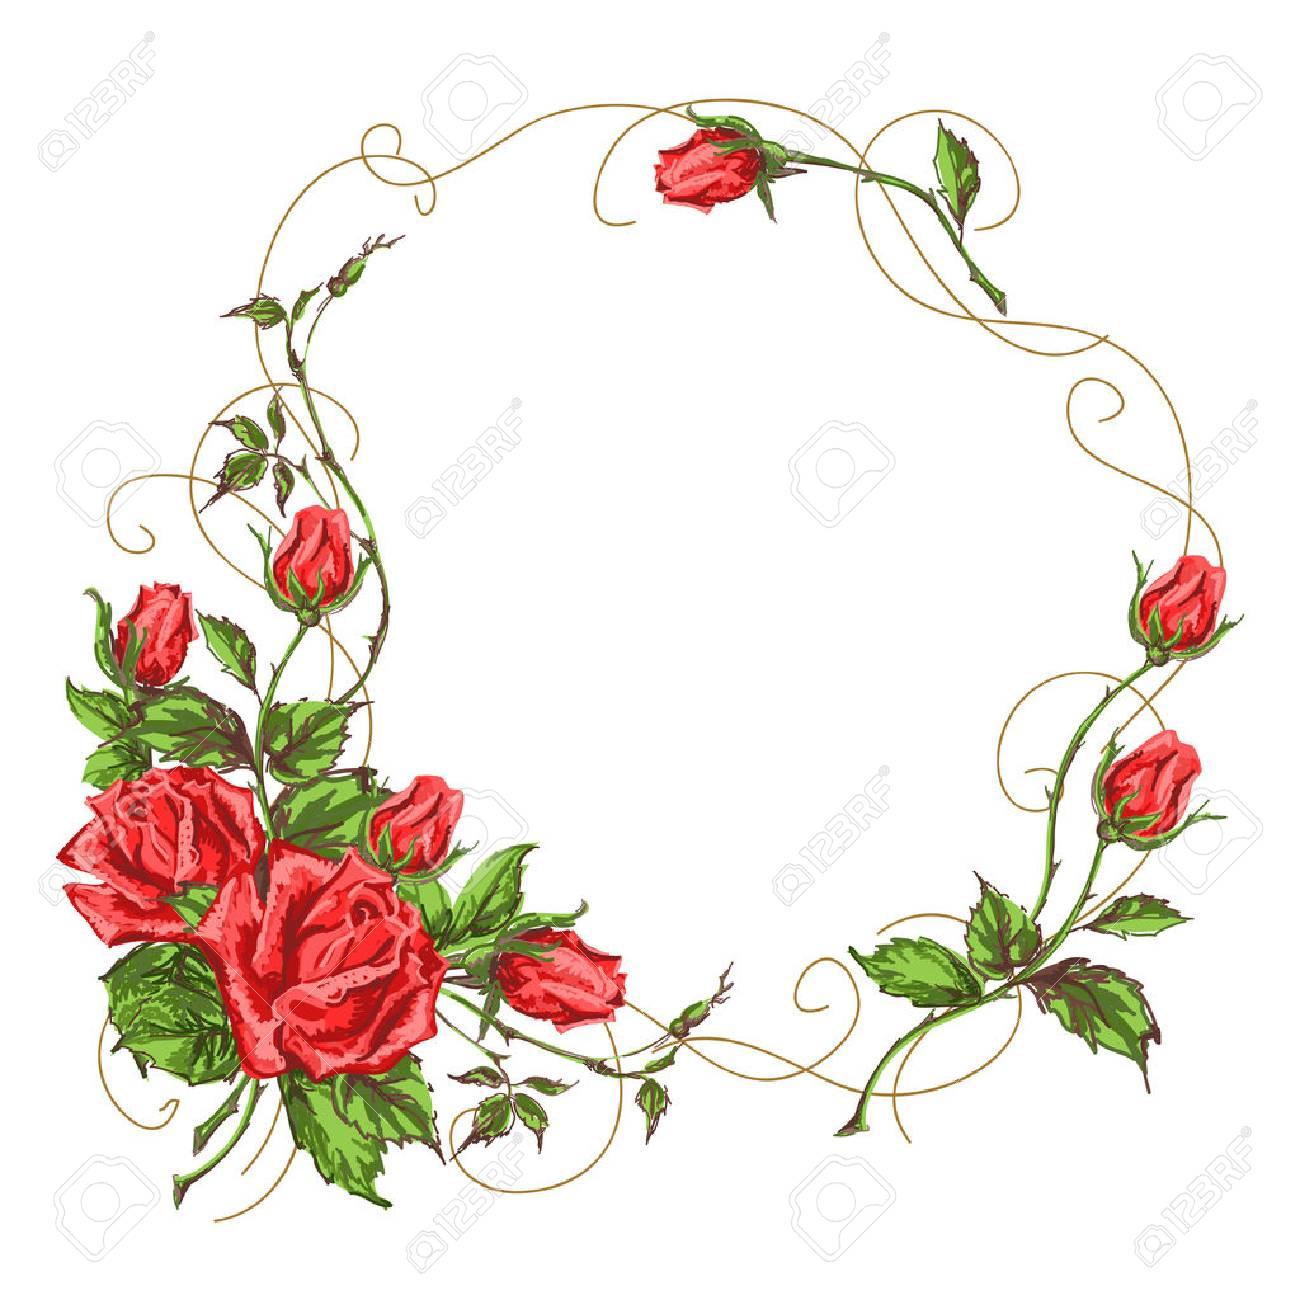 Diseno De Rosas Tarjeta De Felicitacion Decoracion De Marco - Diseos-de-rosas